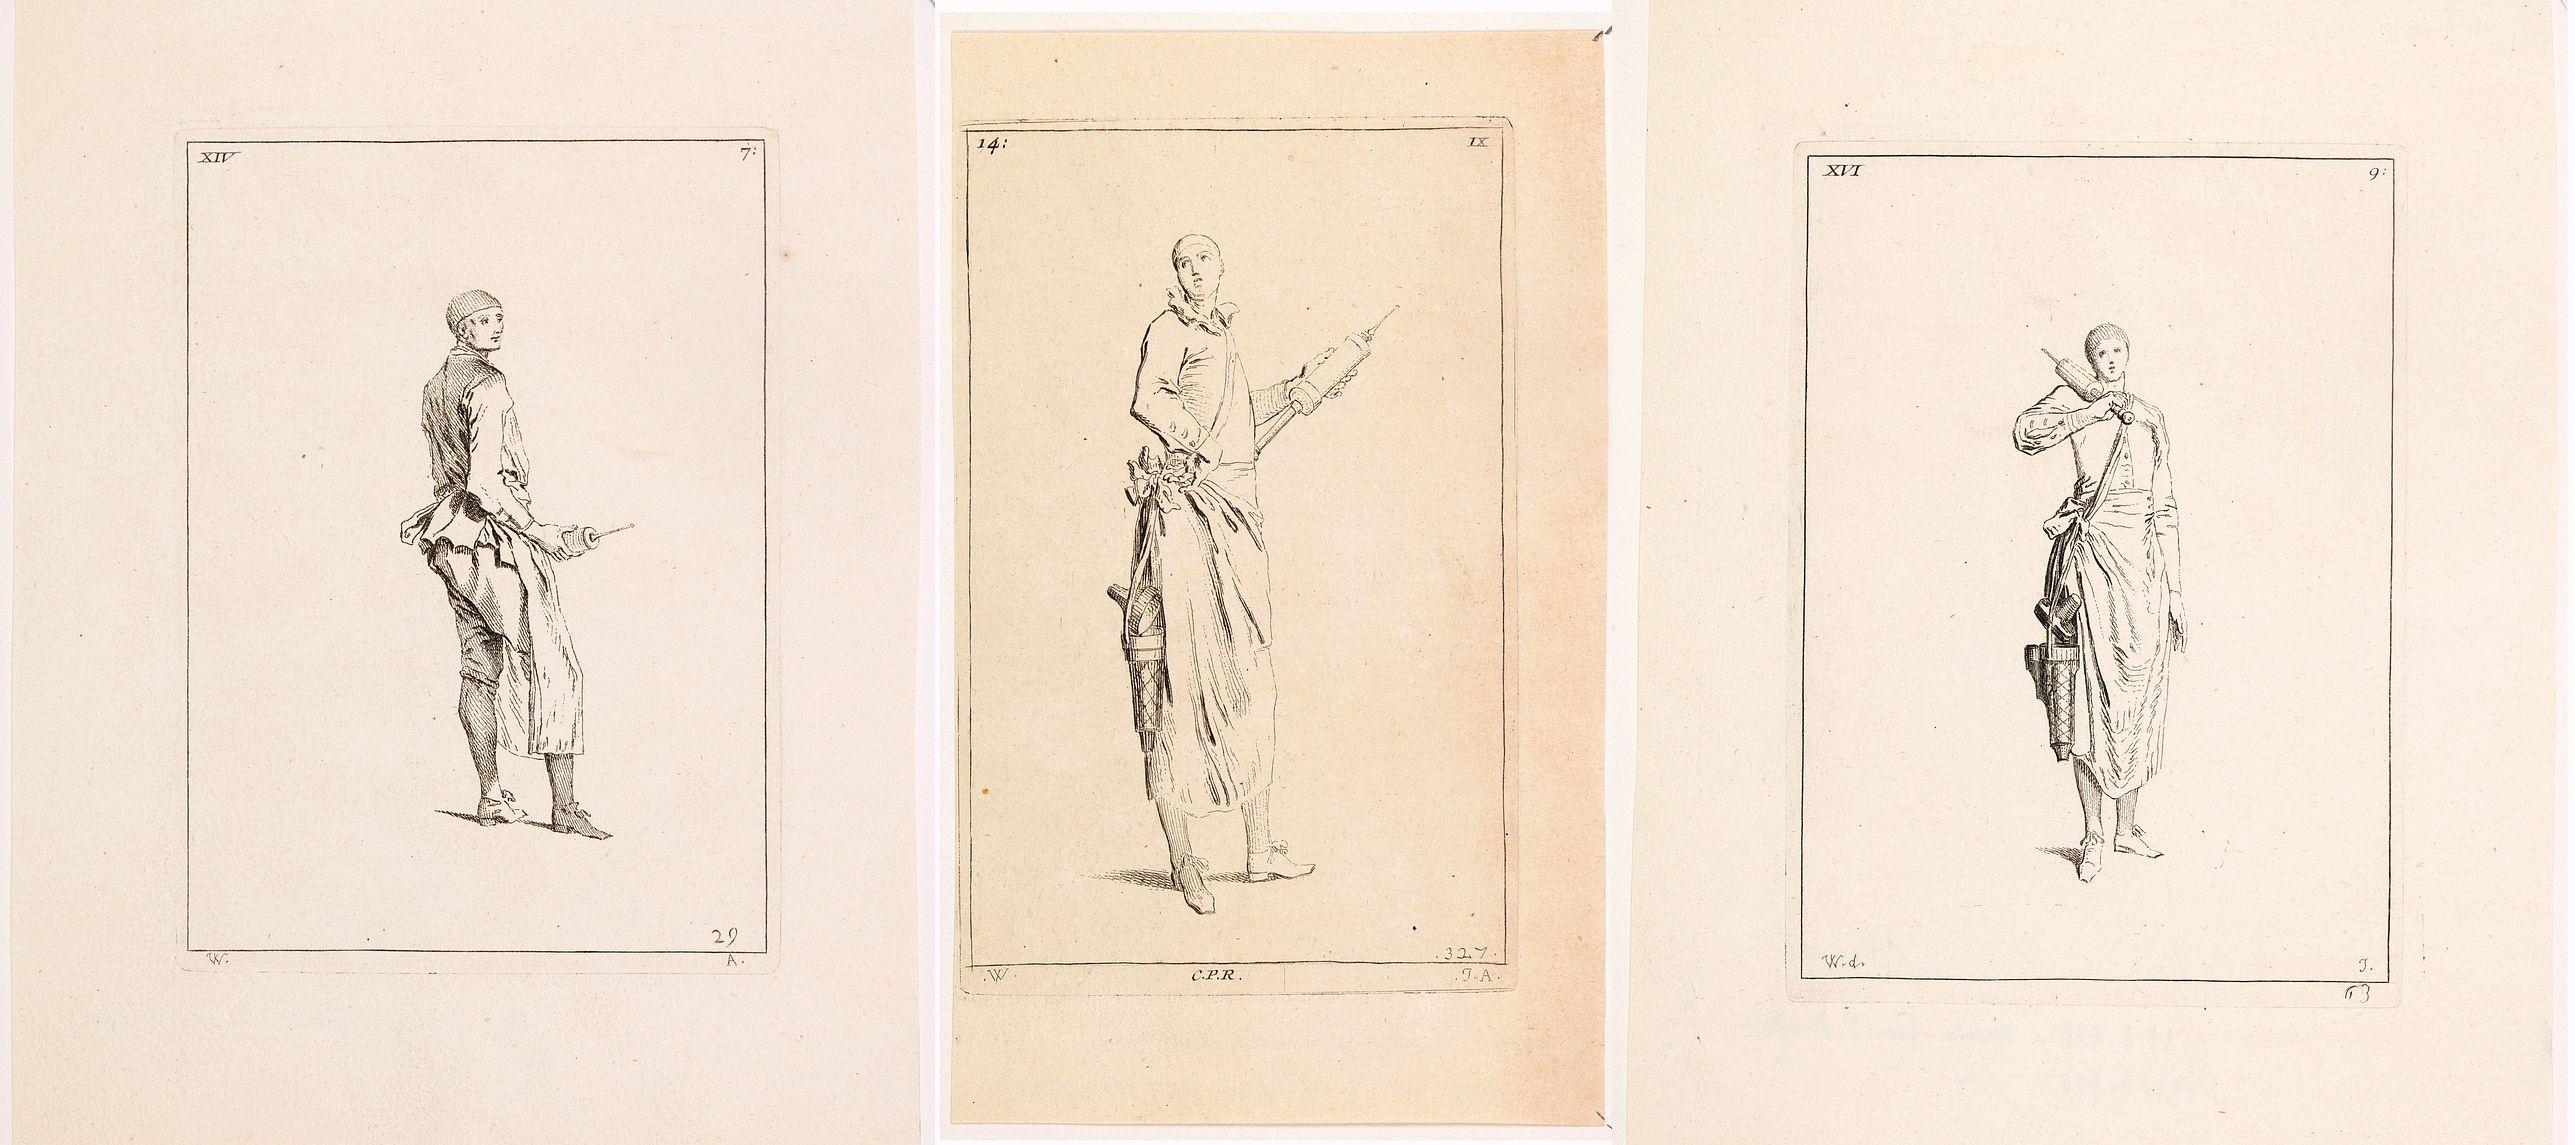 [after] WATTEAU, Jean-Antoine. -  [Three untitled medicine engravings].